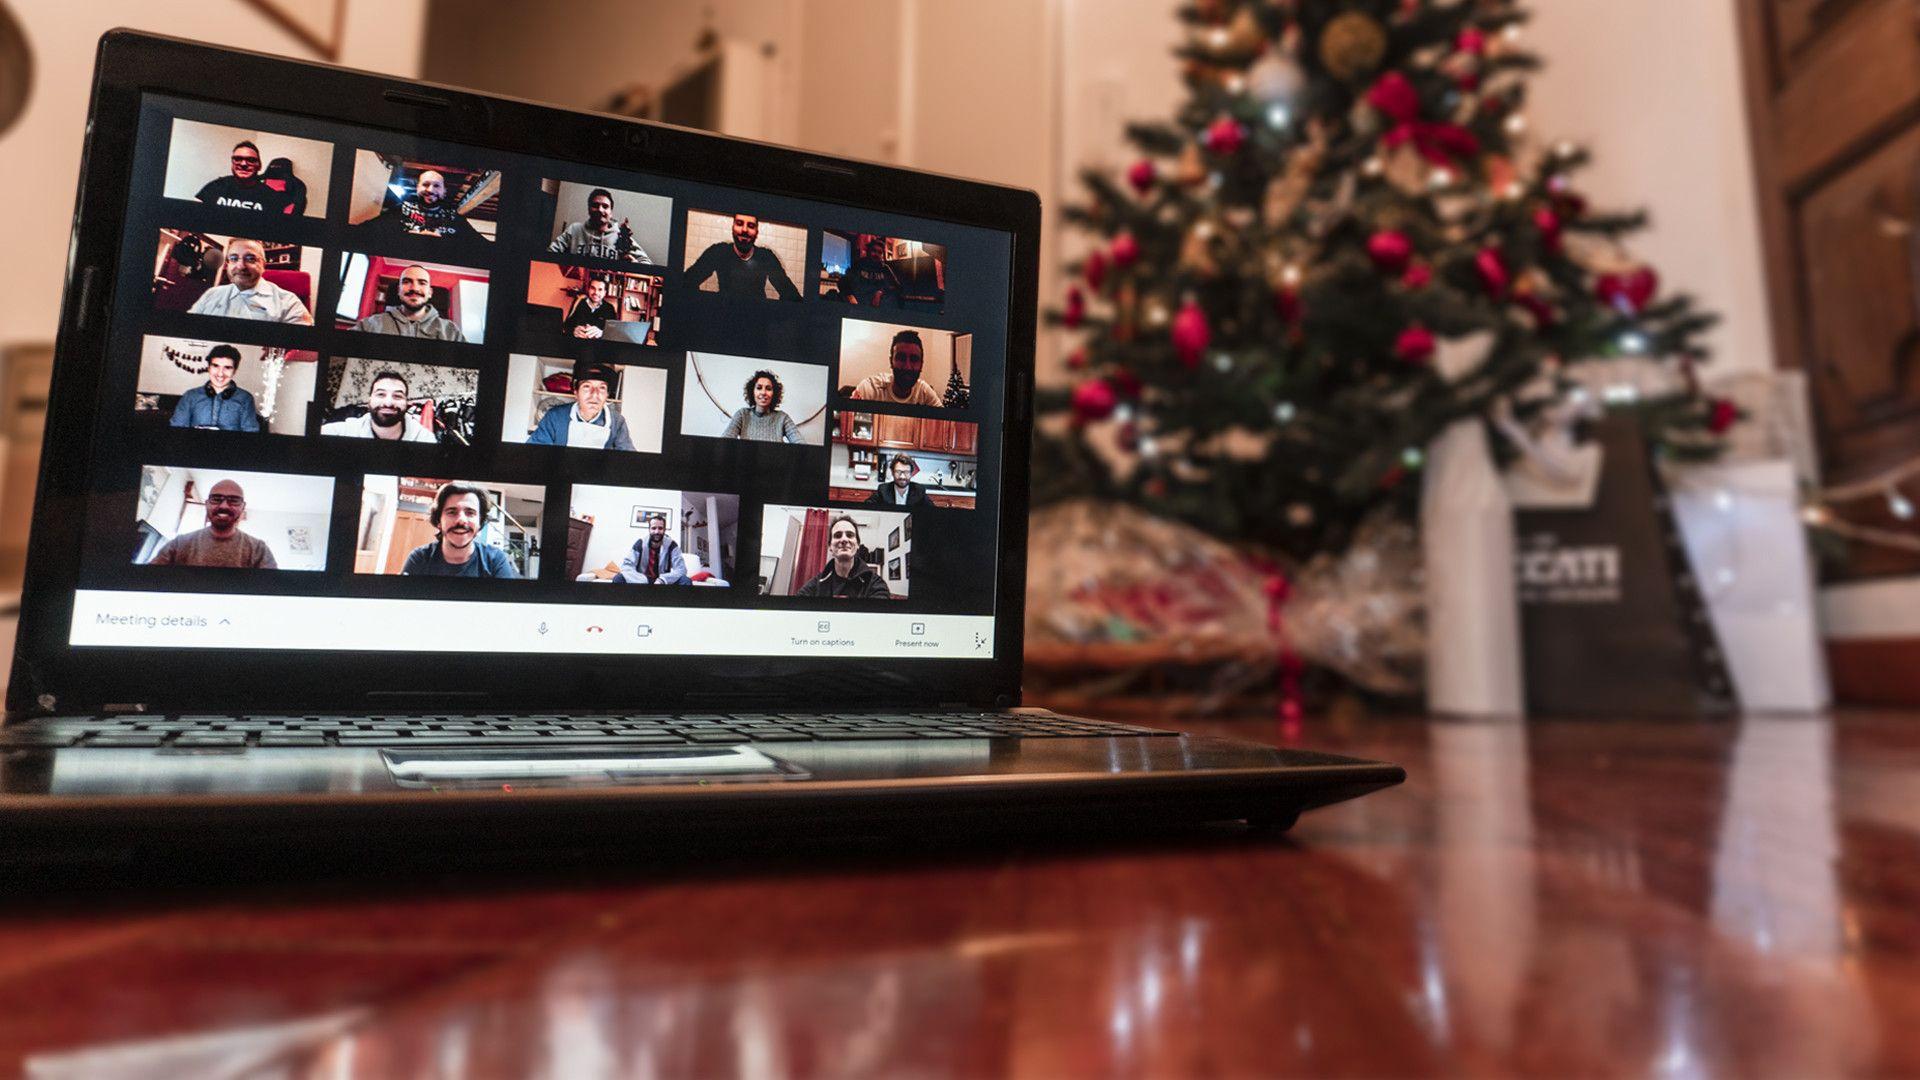 Auguri Di Buon Natale 2021 Video.Dopo Un Anno Di Covid Buon Natale Da Motorbox Video Auguri Motorbox